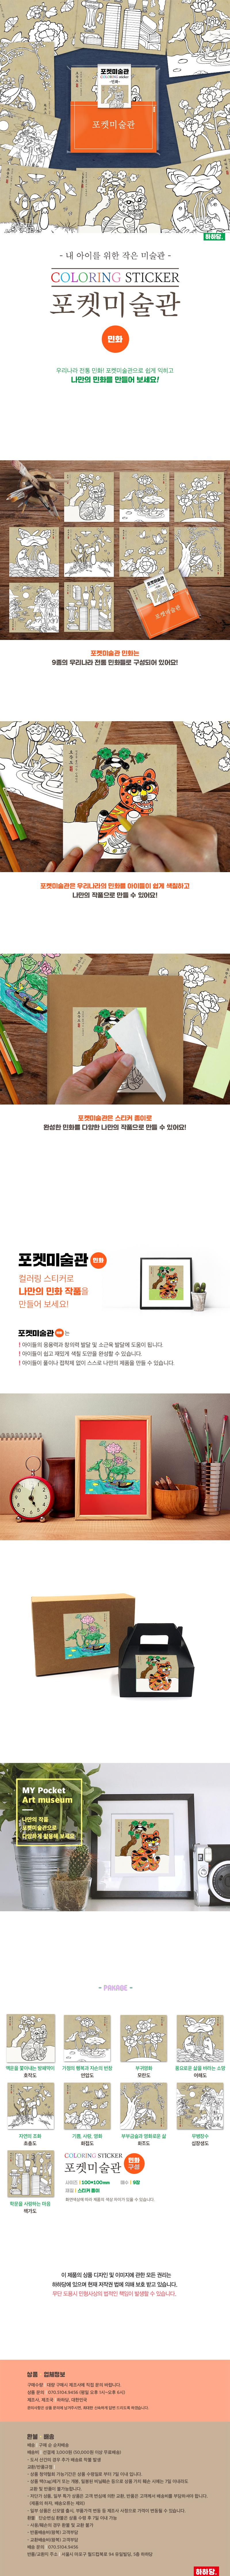 포켓미술관- 민화 (컬러링스티커 9매) - 하하당, 3,000원, 미술놀이, 미술교구